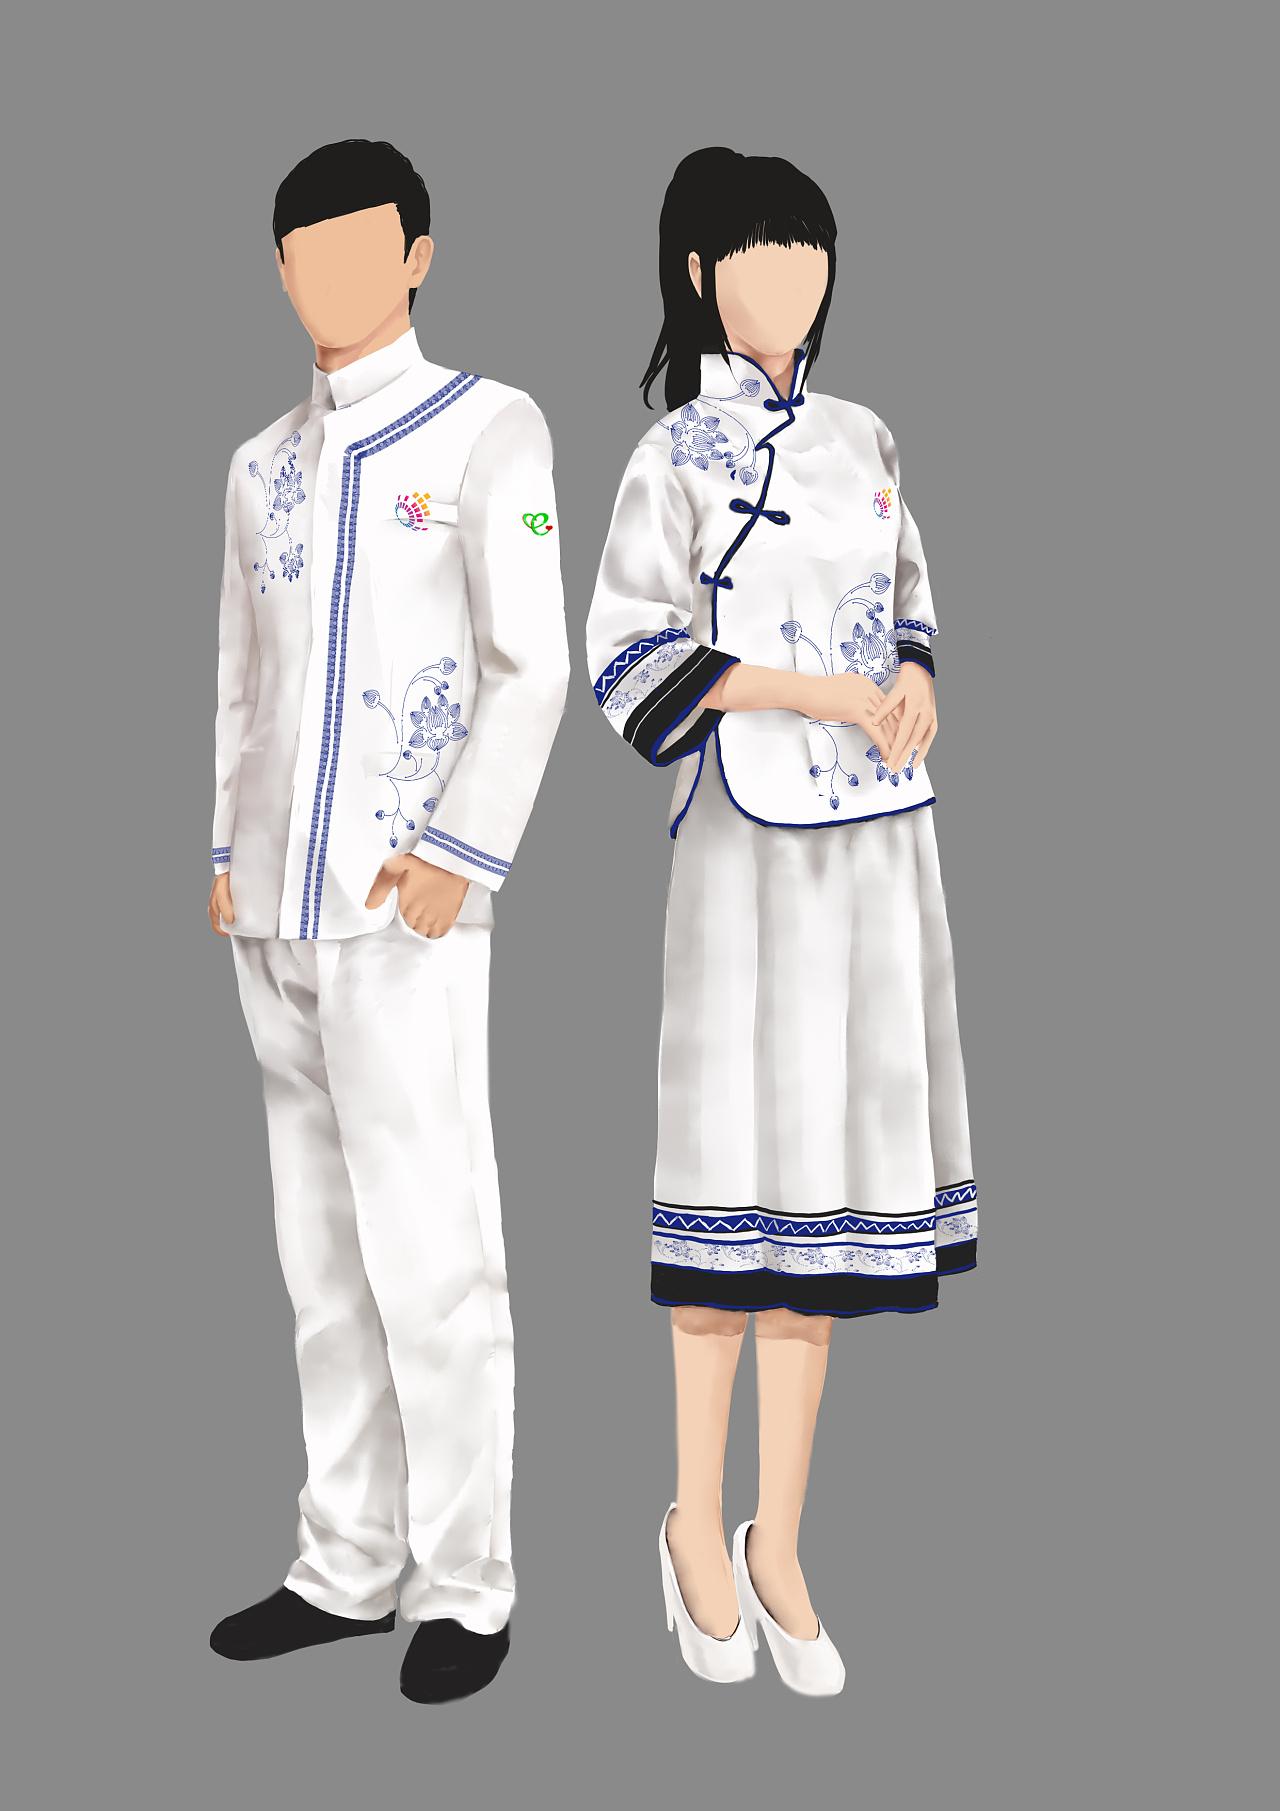 服_2015数博会志愿者服装设计